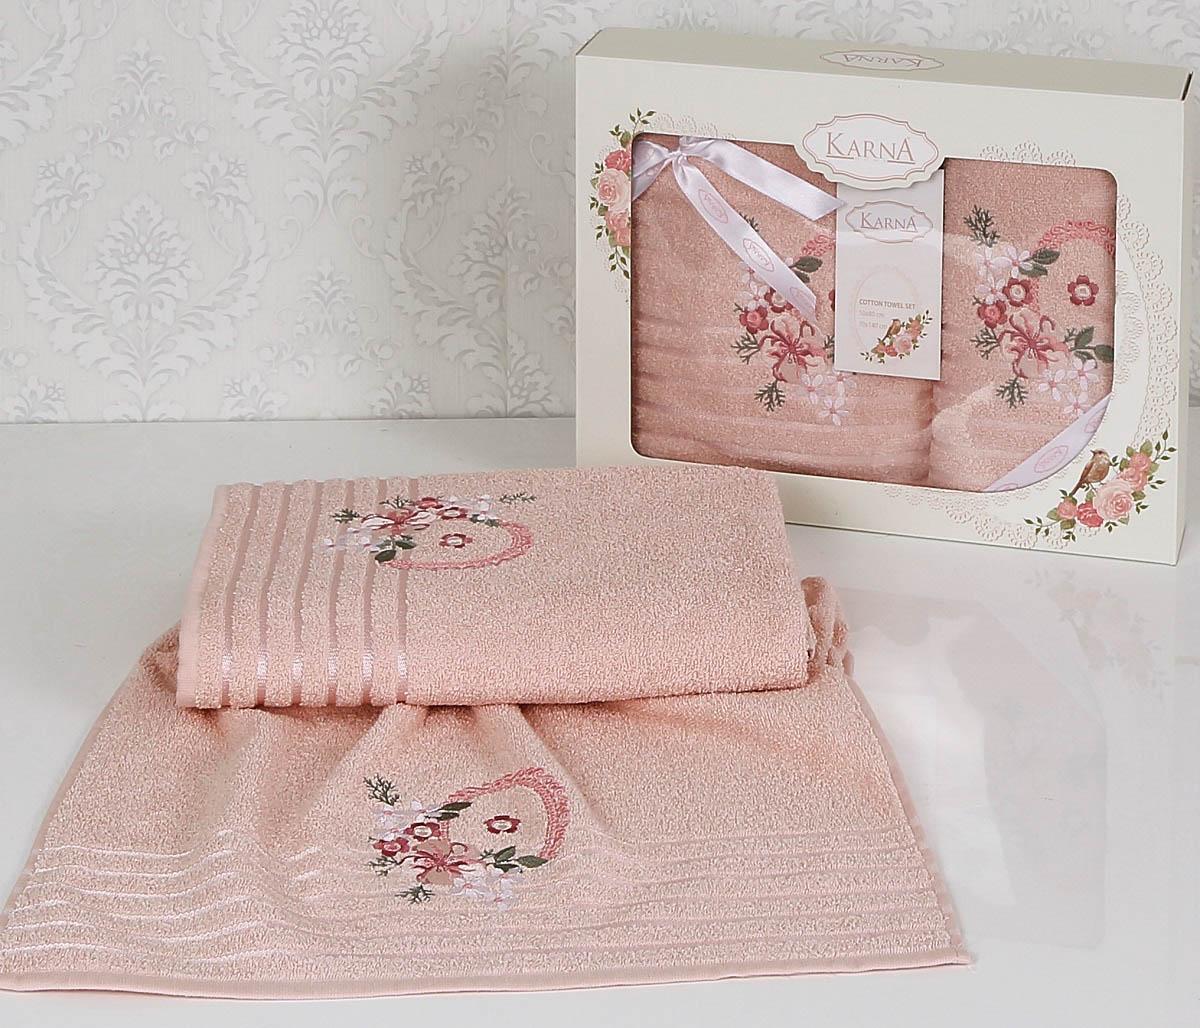 Полотенца Karna Полотенце Camile Цвет: Пудра (Набор) покрывало karna rose с вышивкой пудра 200х220 см